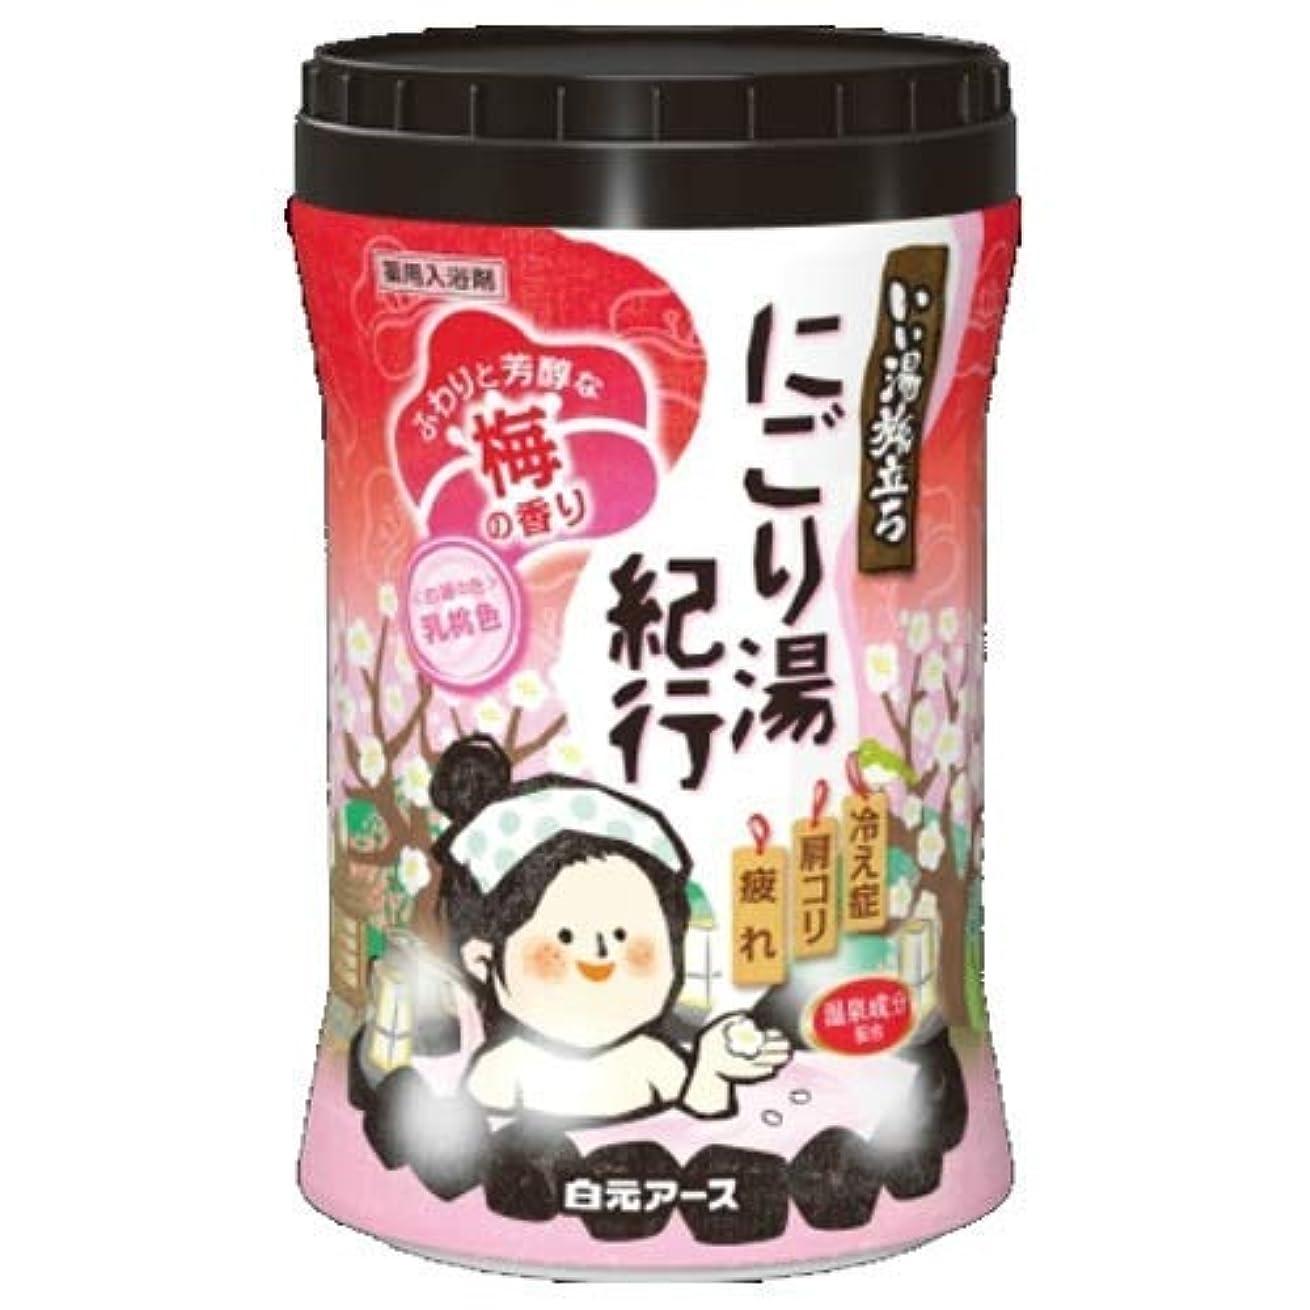 変わる劣るホップいい湯旅立ちボトル にごり湯紀行 梅の香り600g × 15個セット